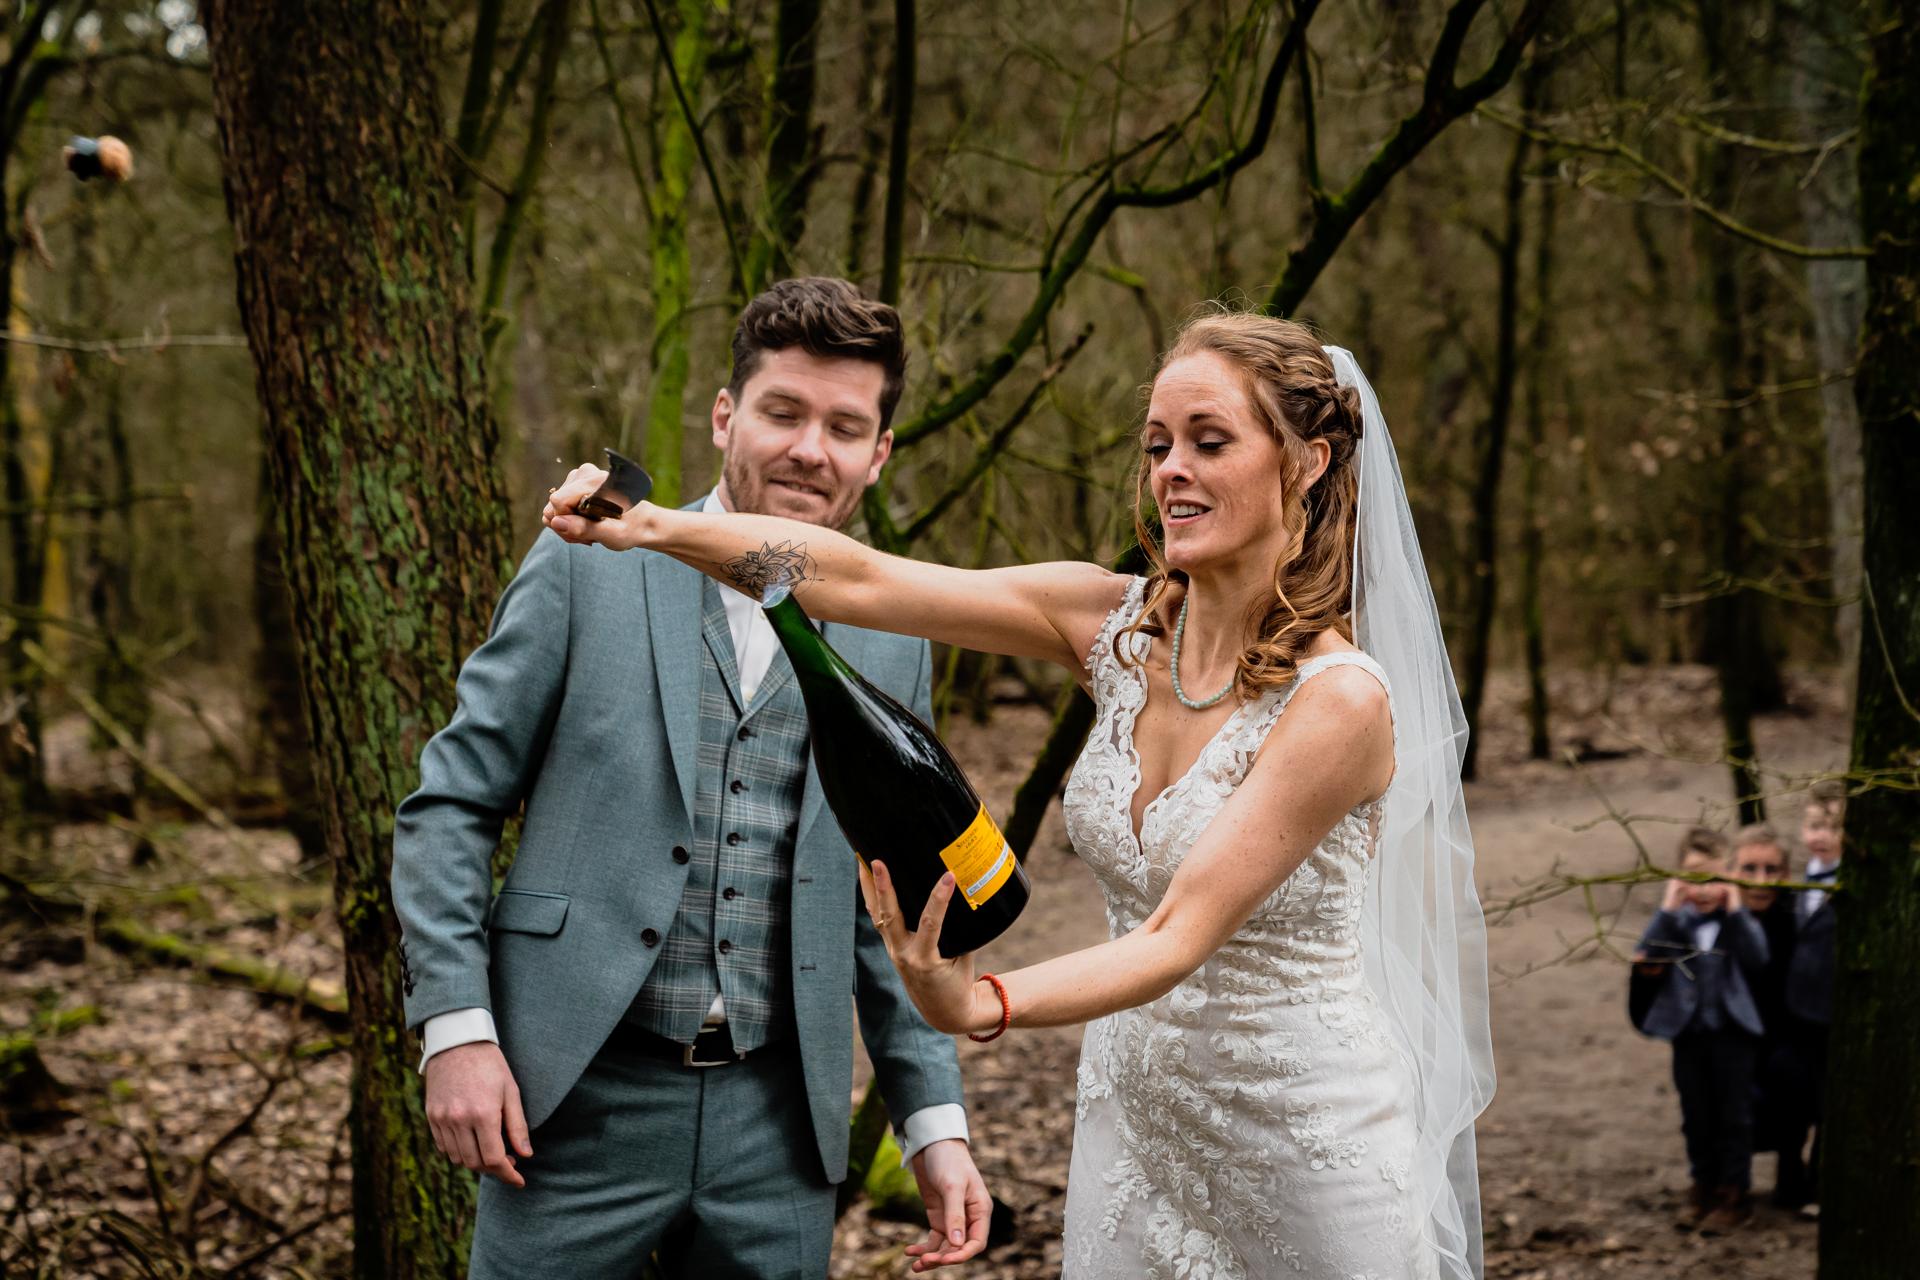 NL - Photographe de mariage à Strokerbos, Harderwijk | La mariée utilise habilement un couteau pour faire sauter le bouchon de la bouteille de champagne